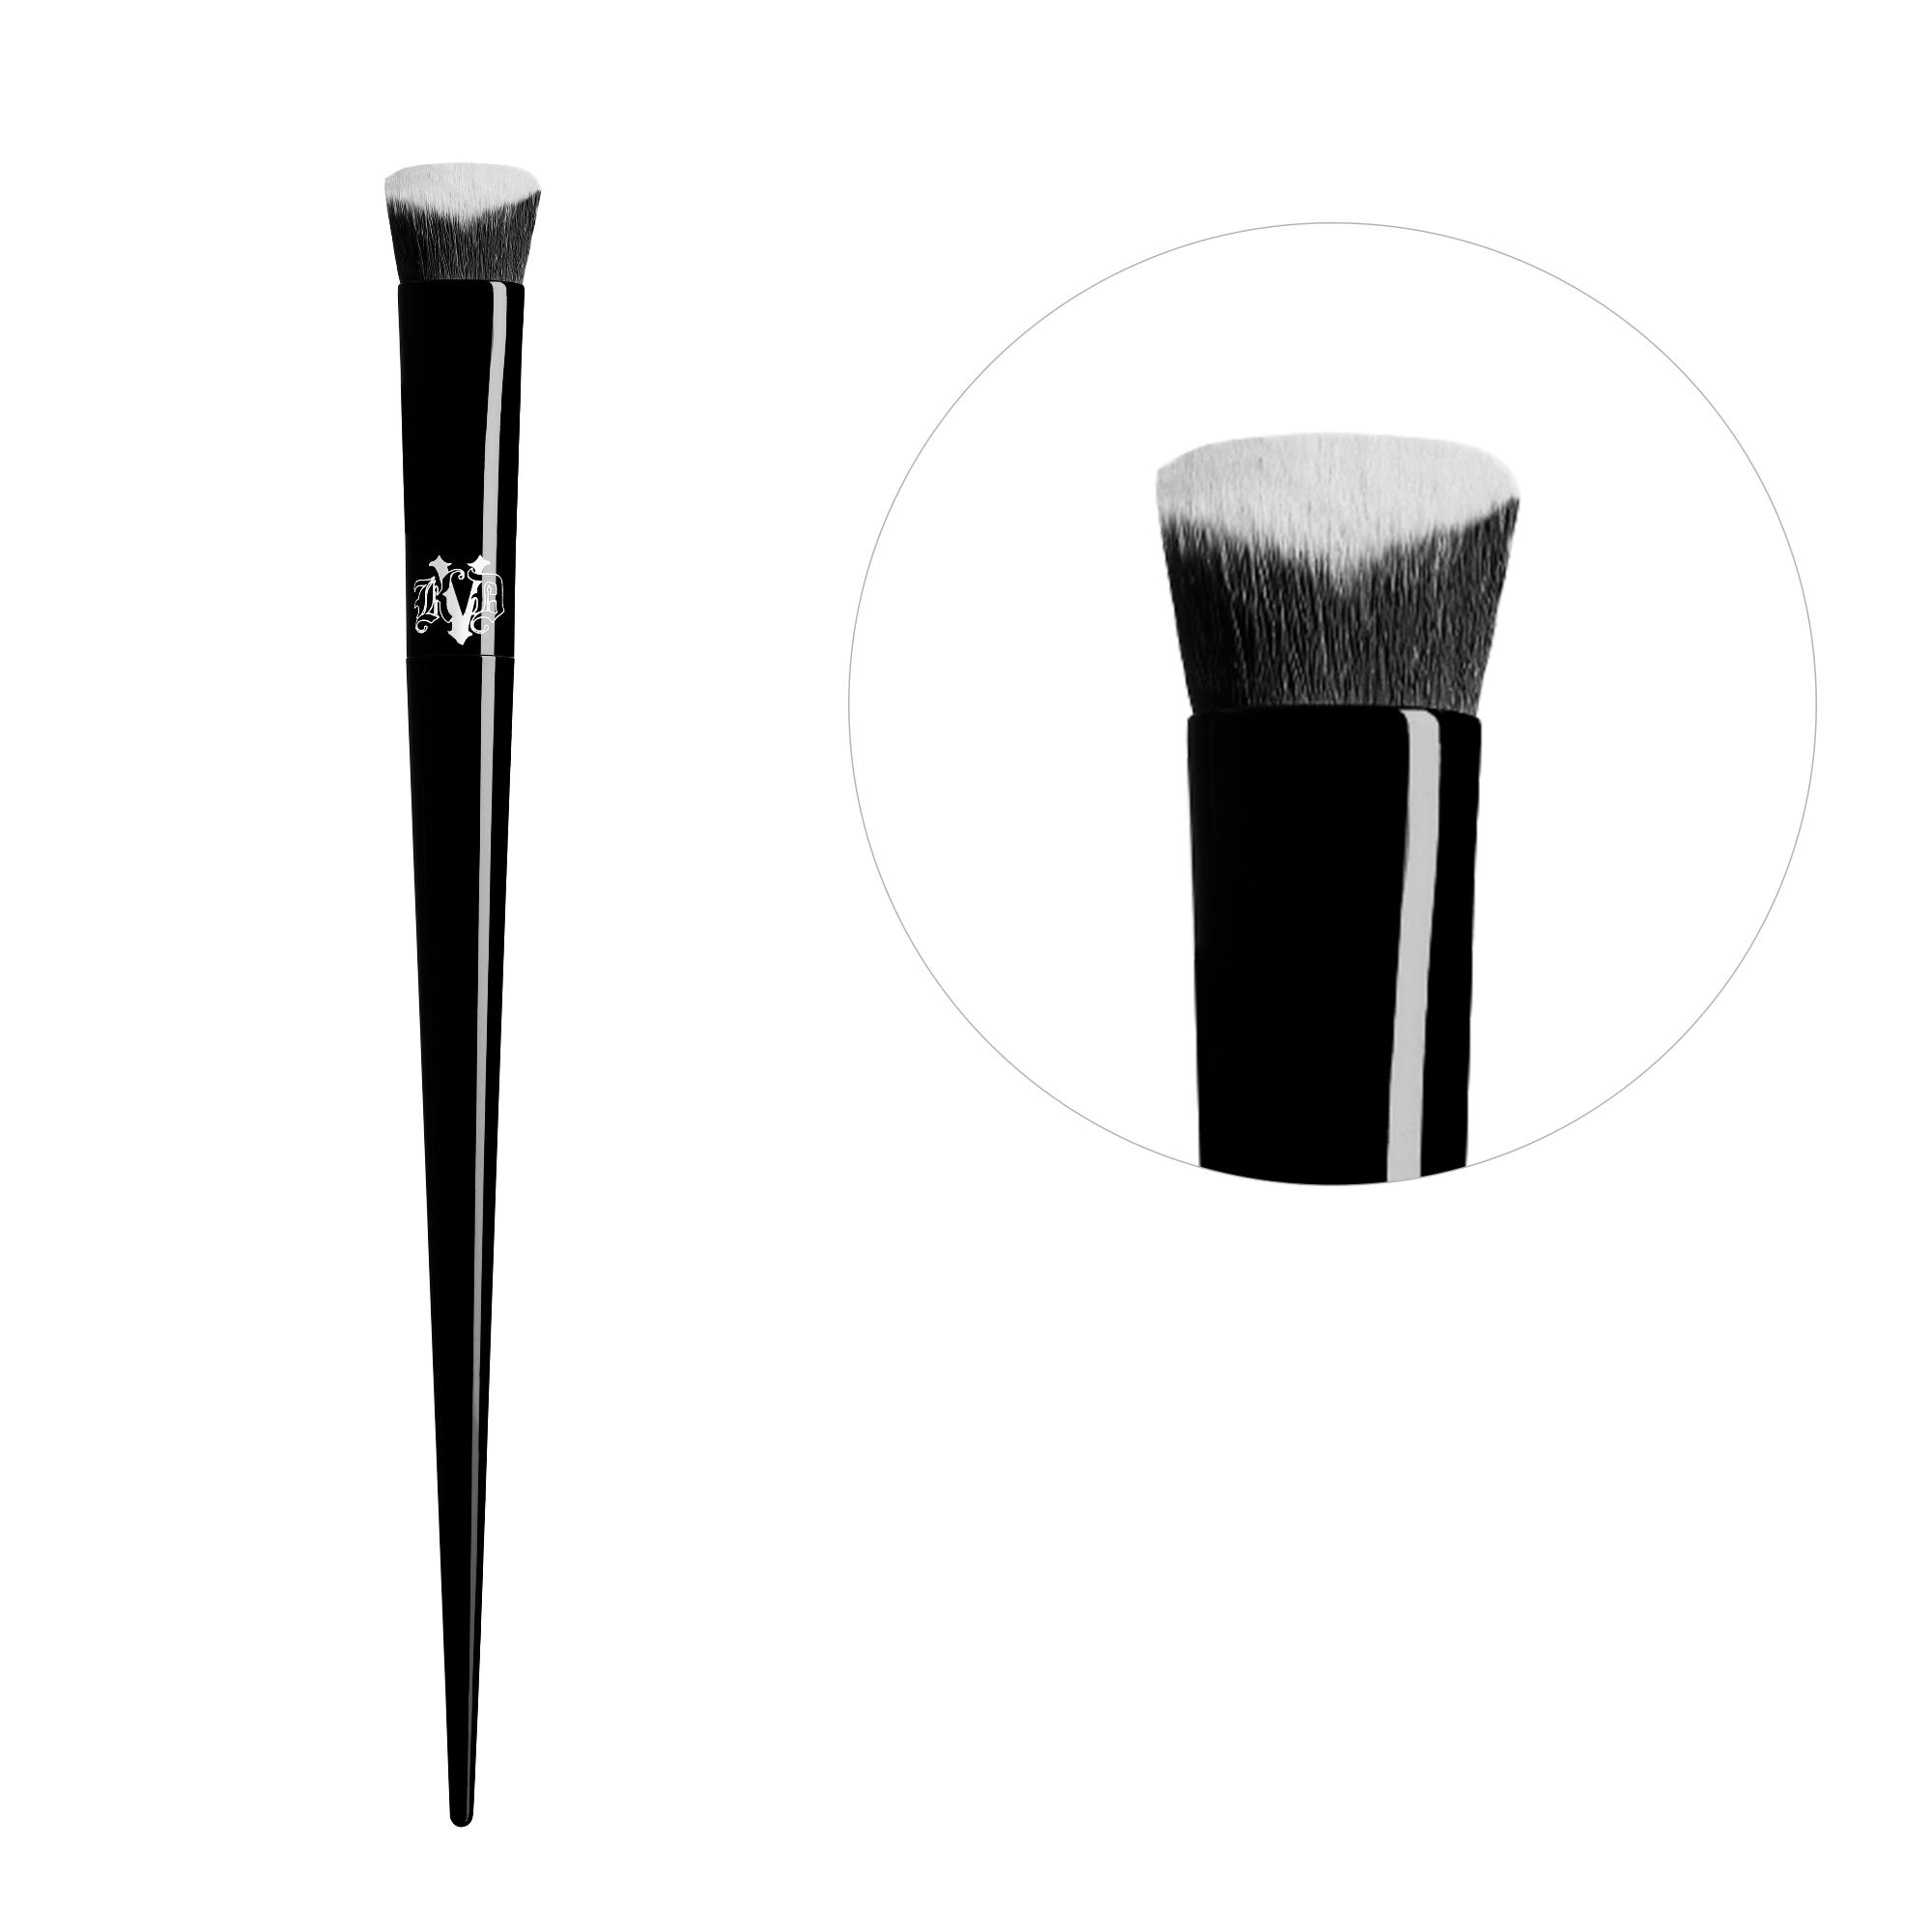 KVD Beauty Lock-It Edge Concealer Brush